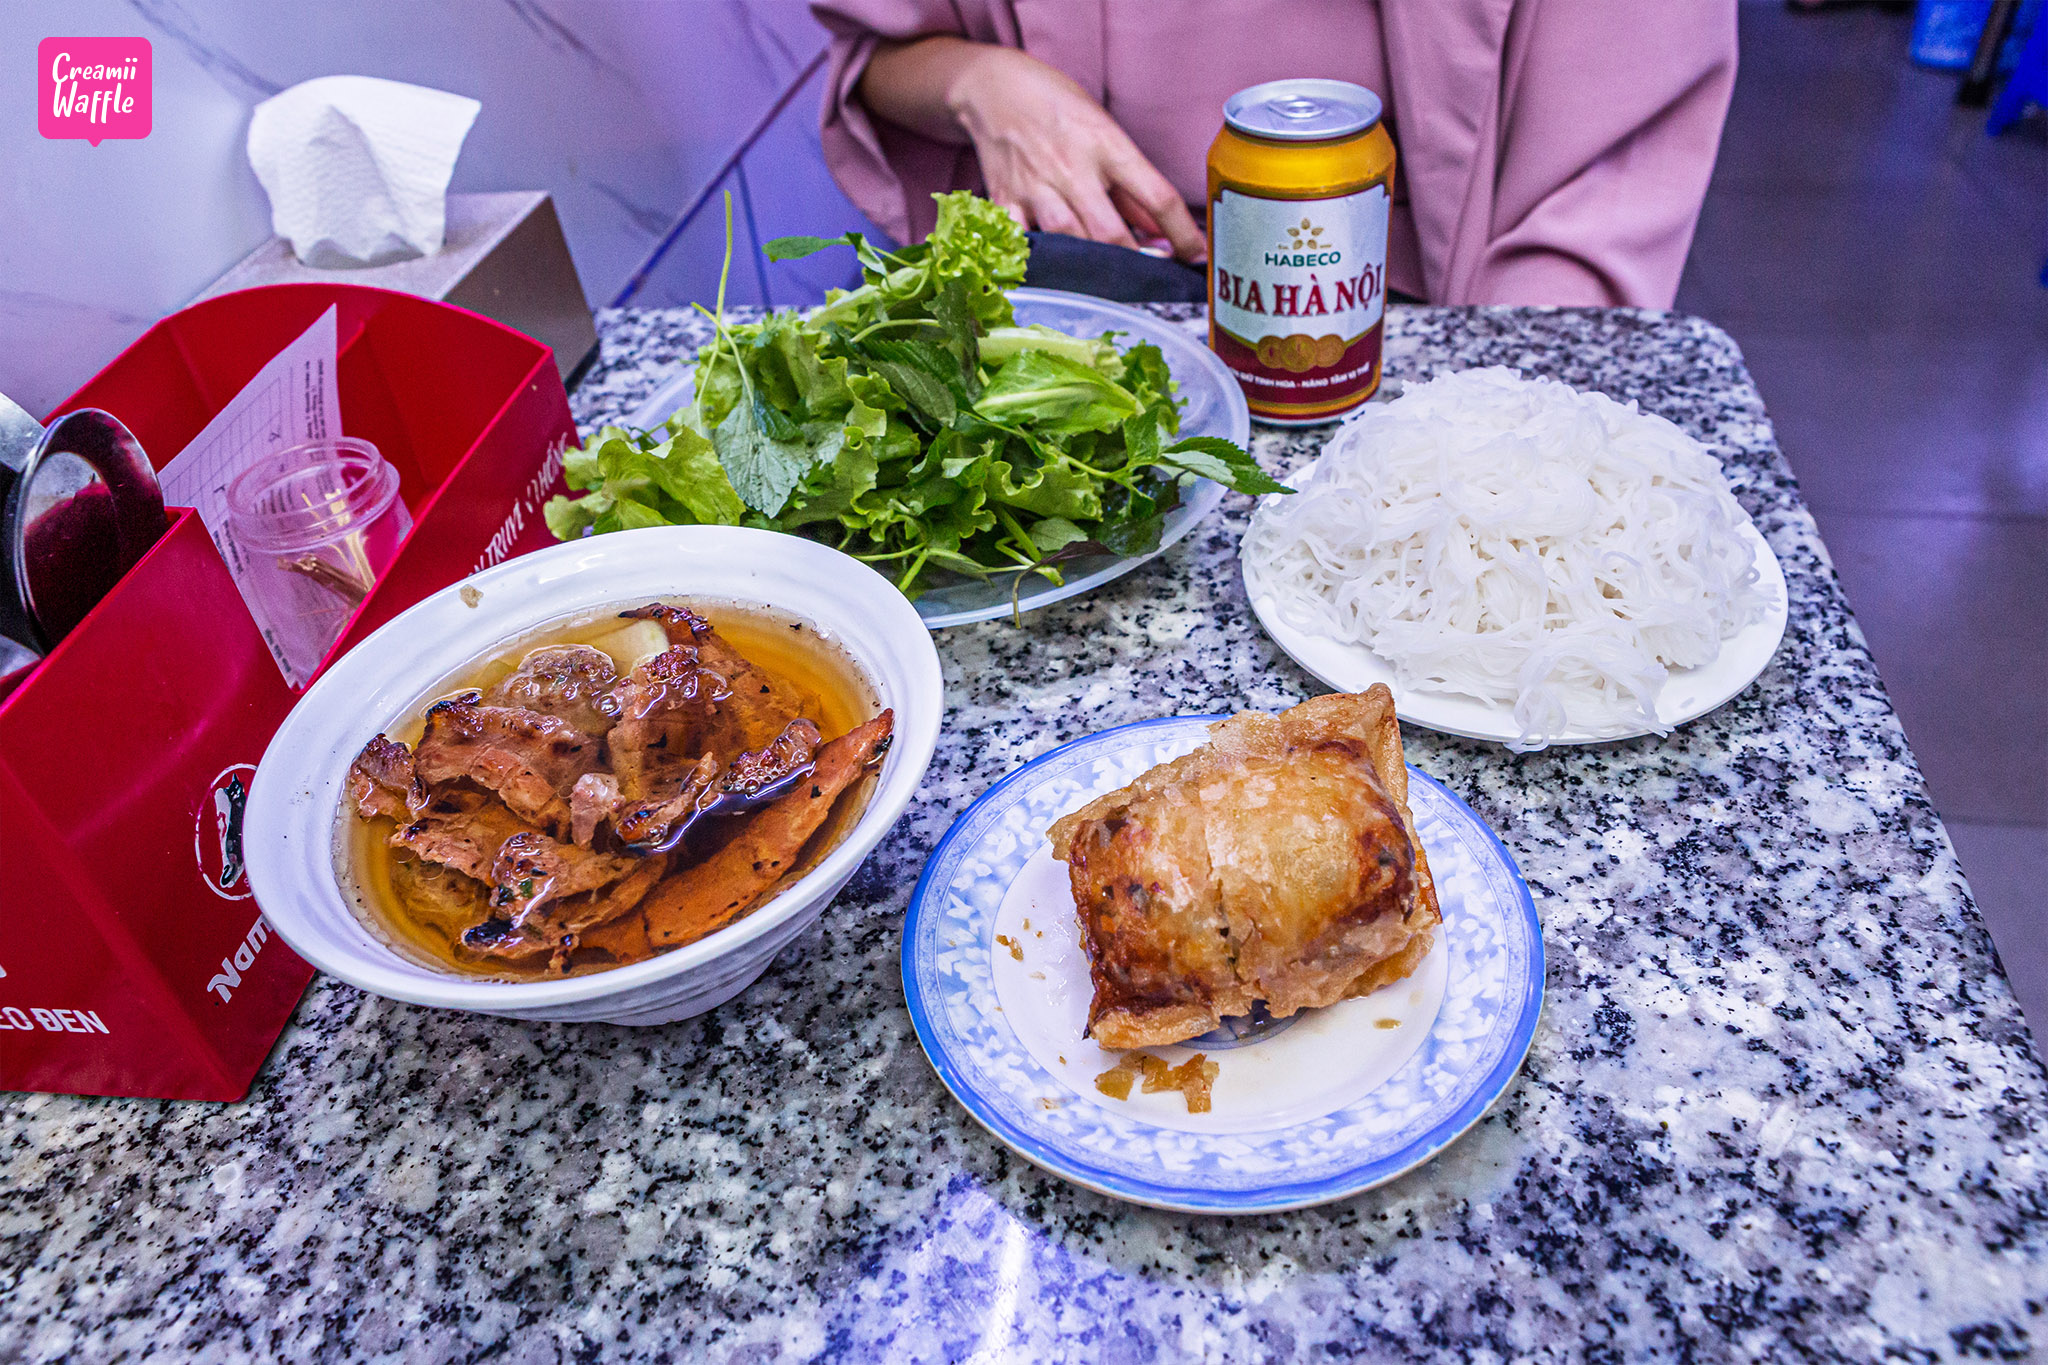 Bún chả Hương Liên OBAMA อาหารเด็ดเวียดนาม